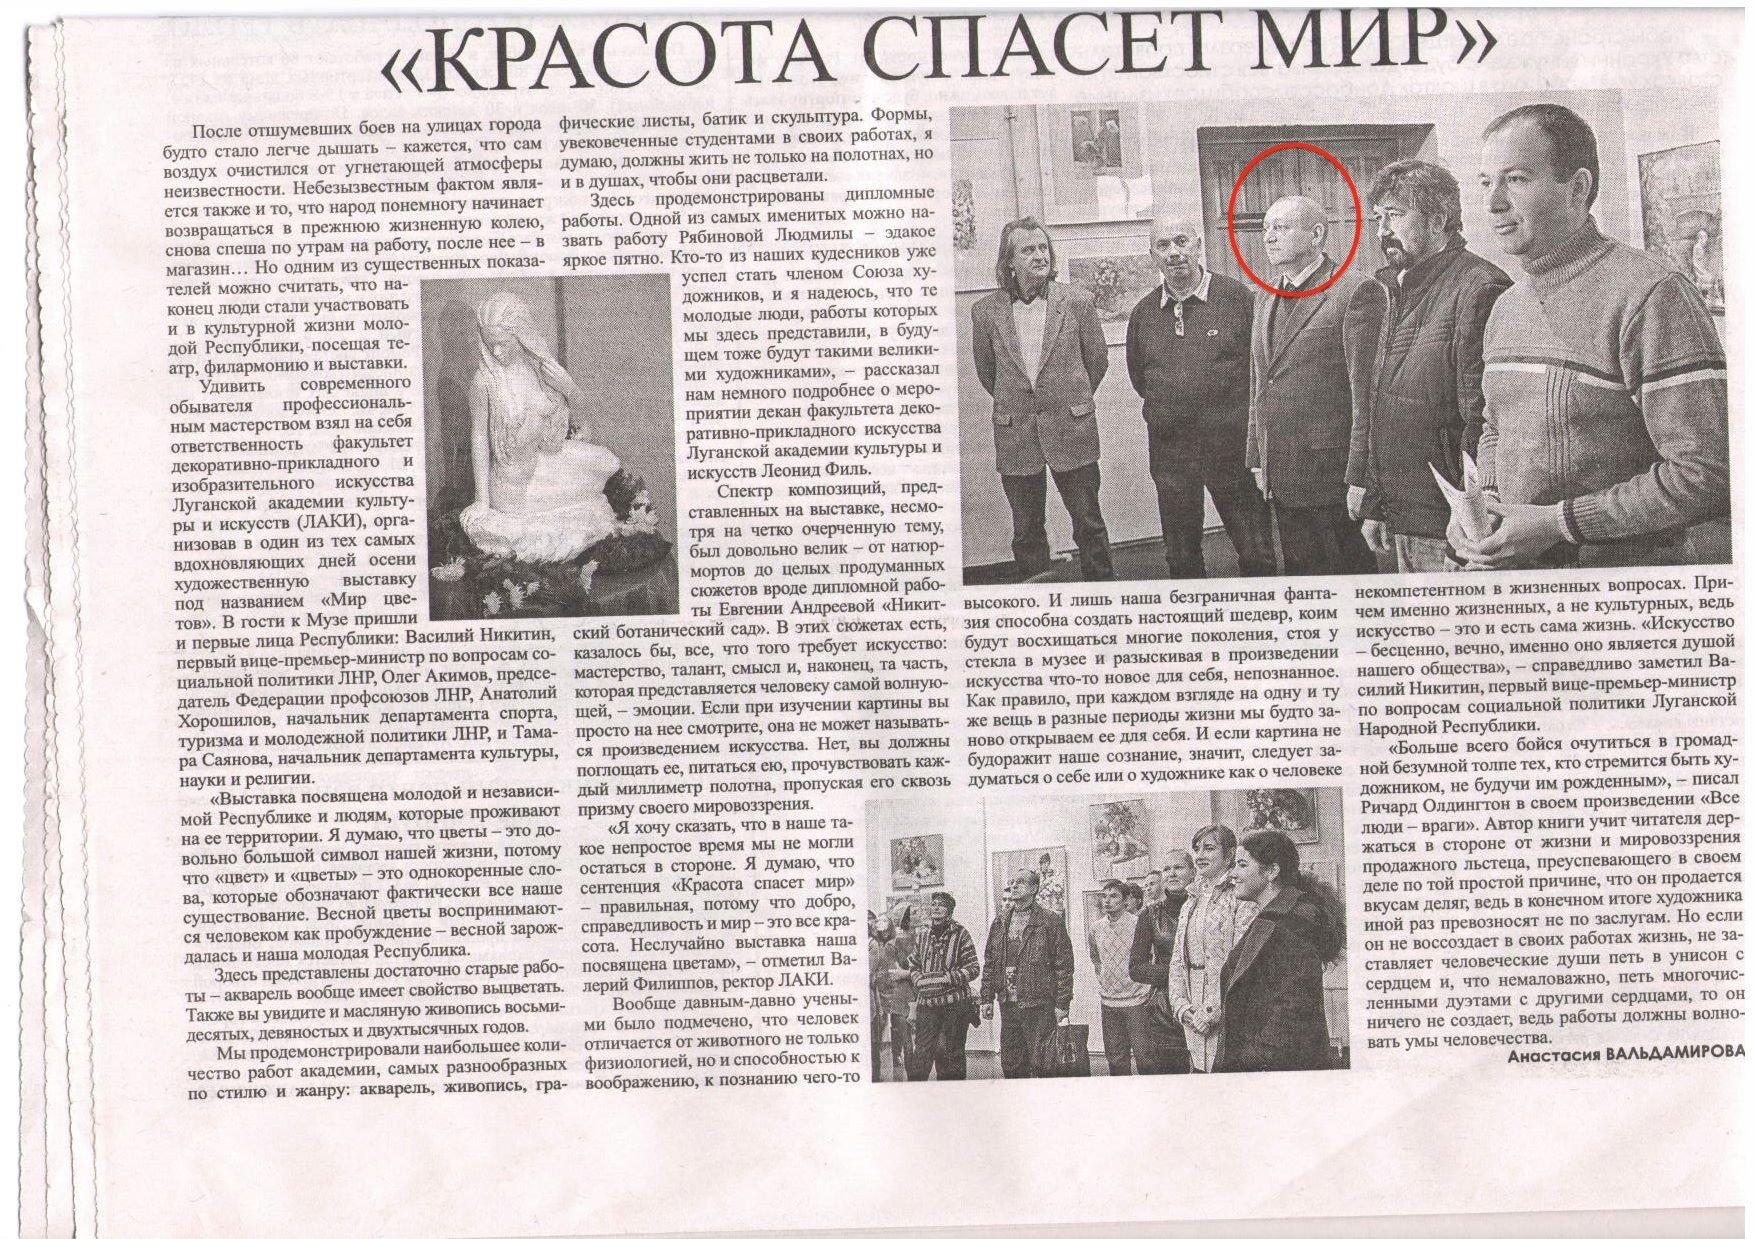 Вопрос люстрации главы СБУ Наливайченко будет рассматривать спецкомиссия, - глава Минюста - Цензор.НЕТ 6261